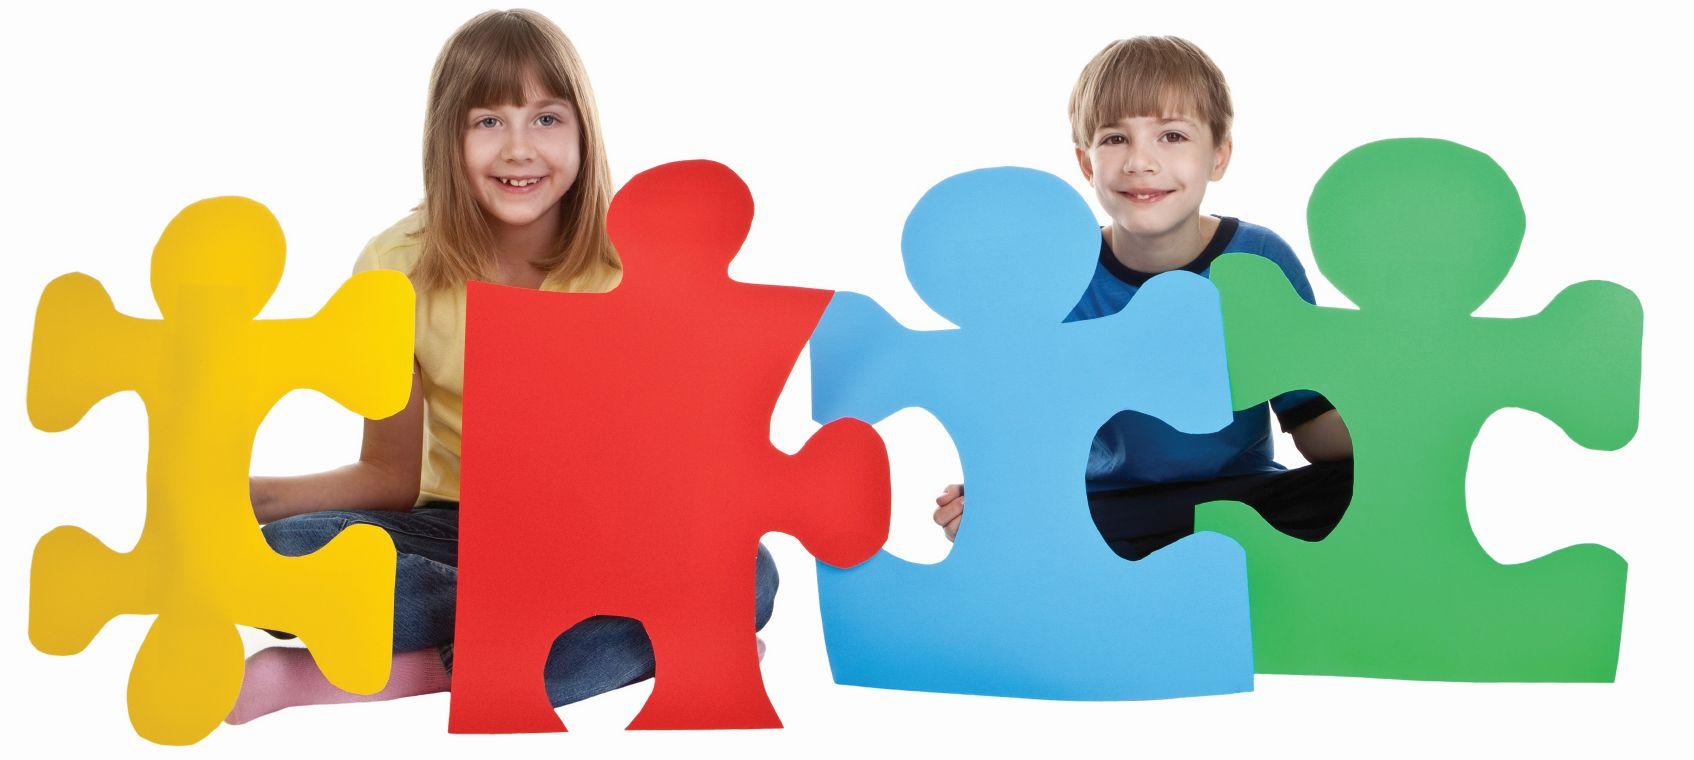 autizmus3